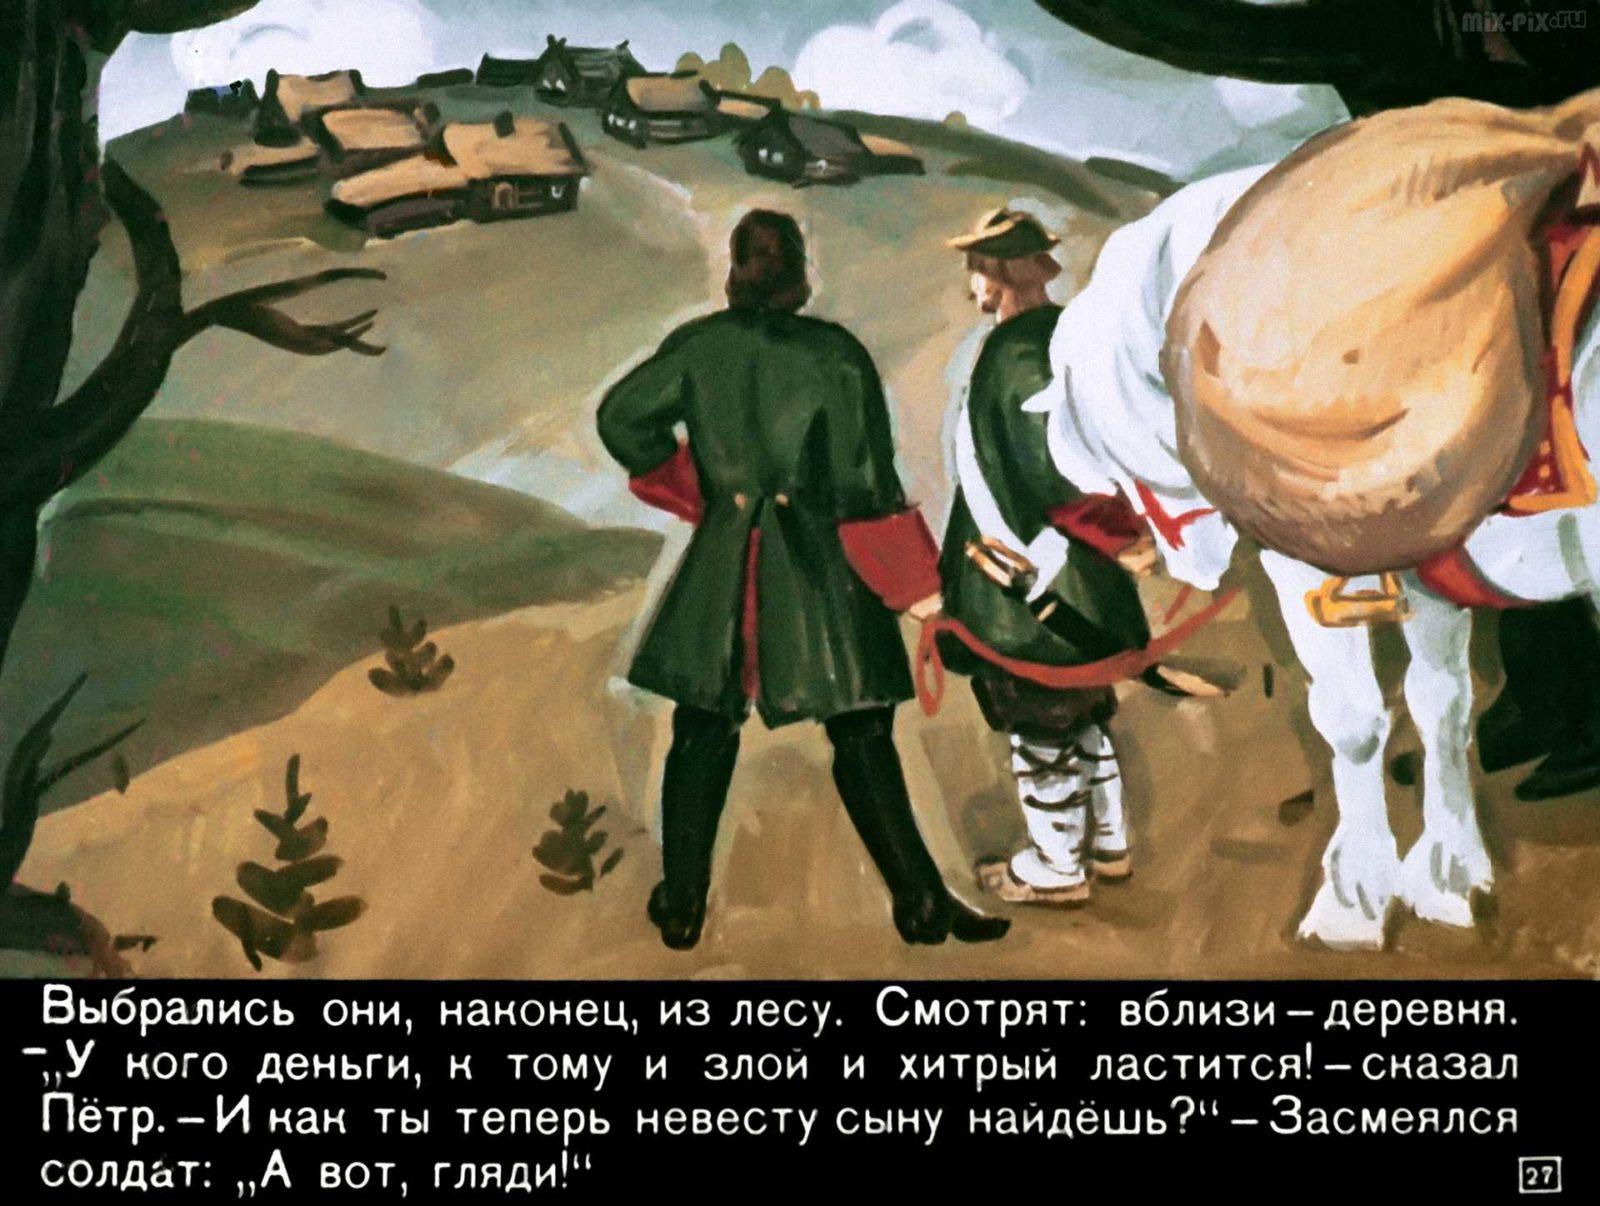 Сказка о бывалом солдате, царе и двенадцати разбойниках (1969) 36